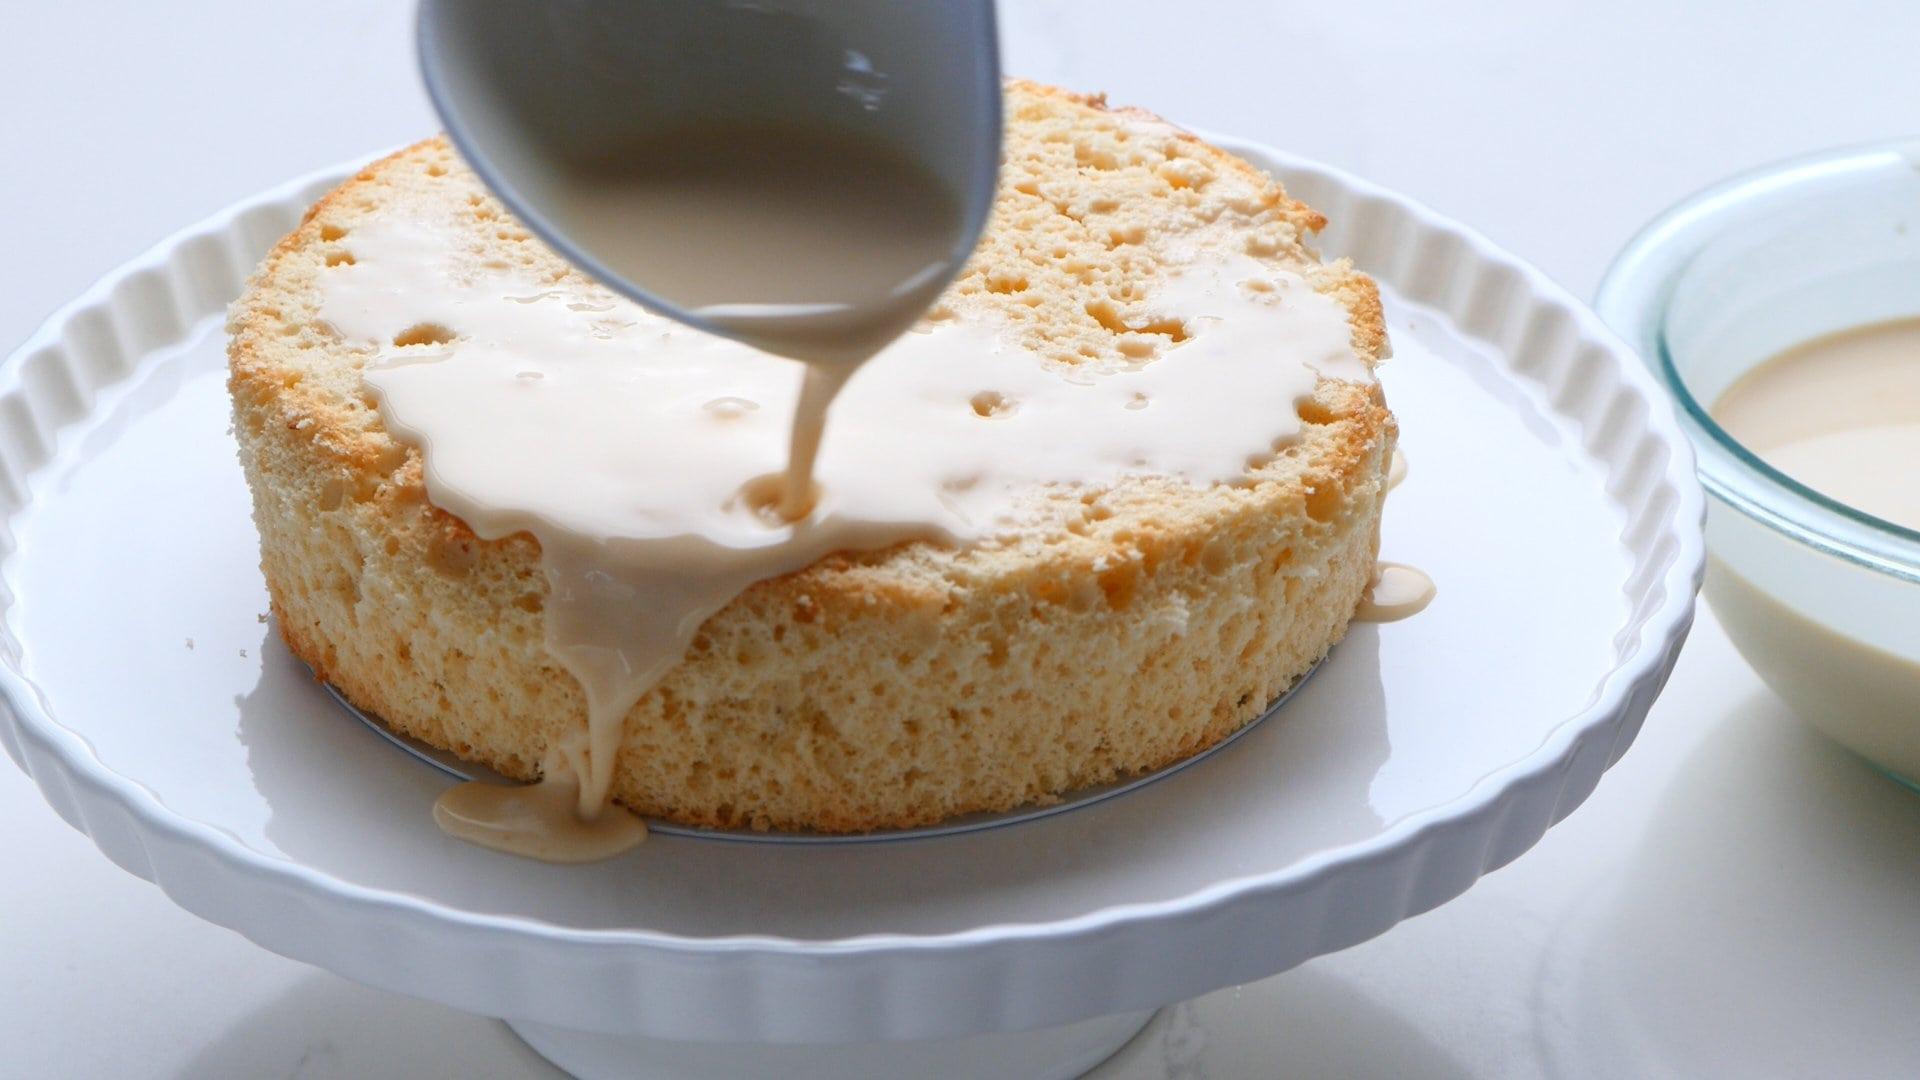 Bañando el pastel con la salsa